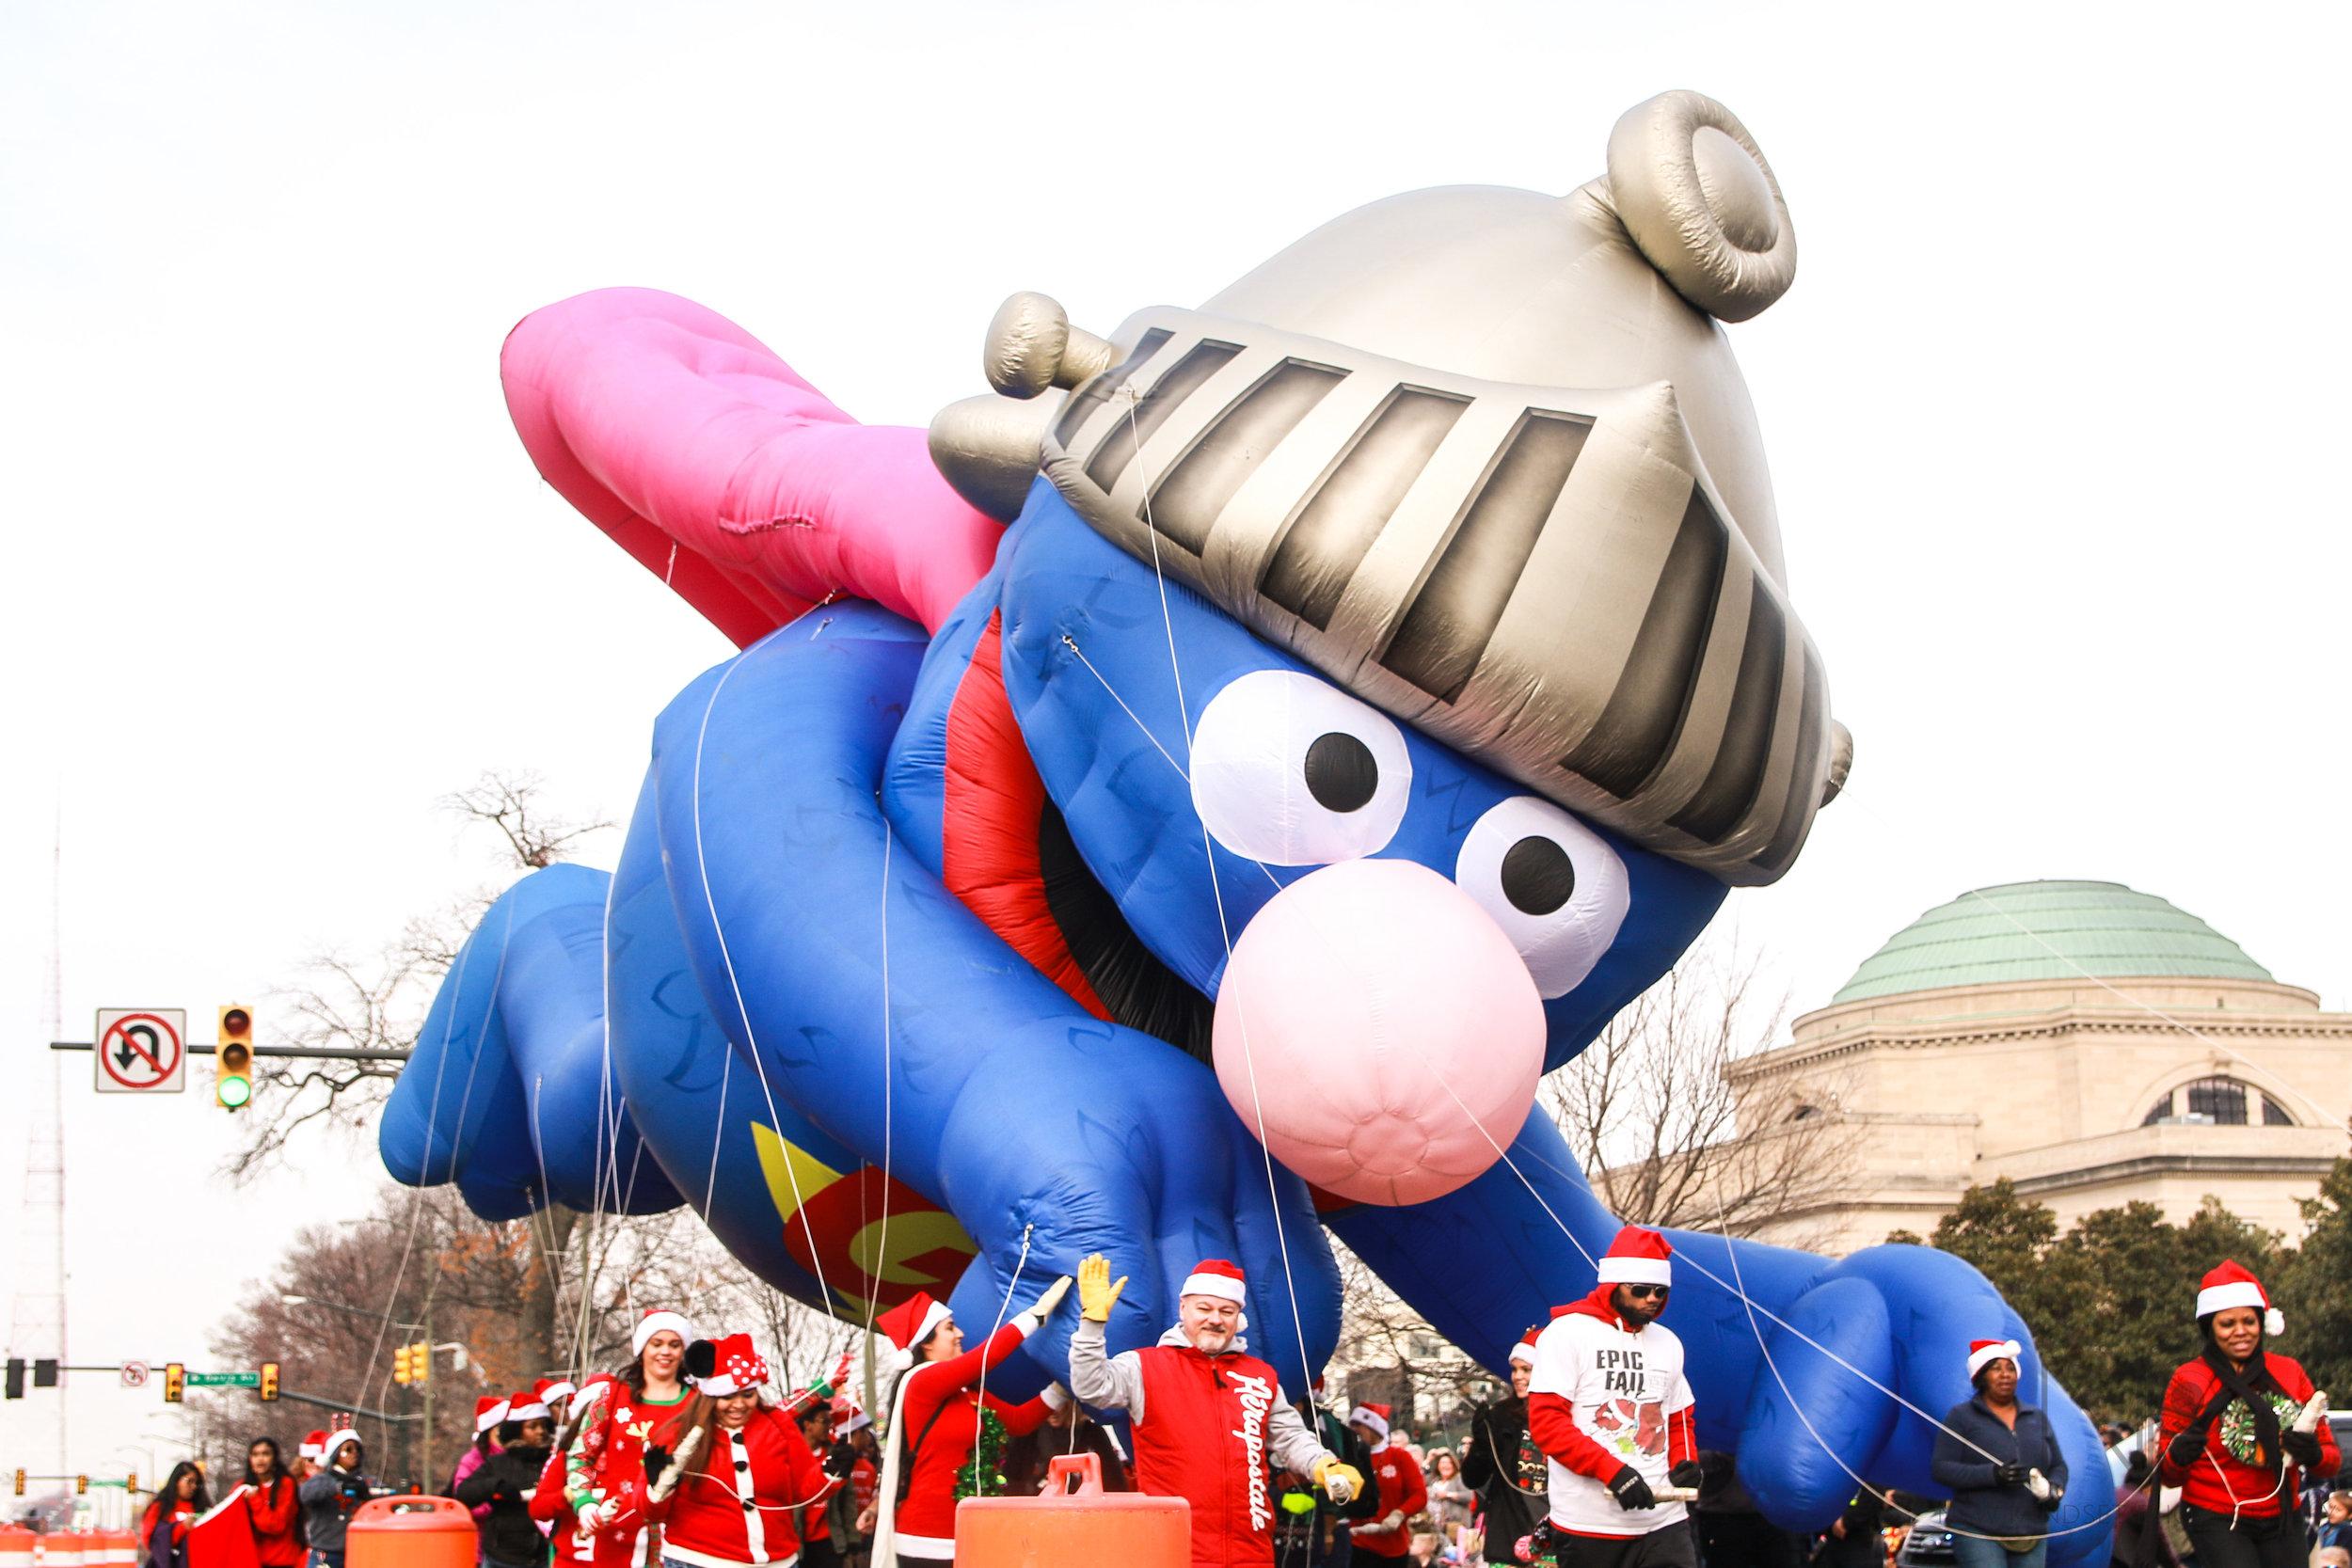 christparade17-10.jpg